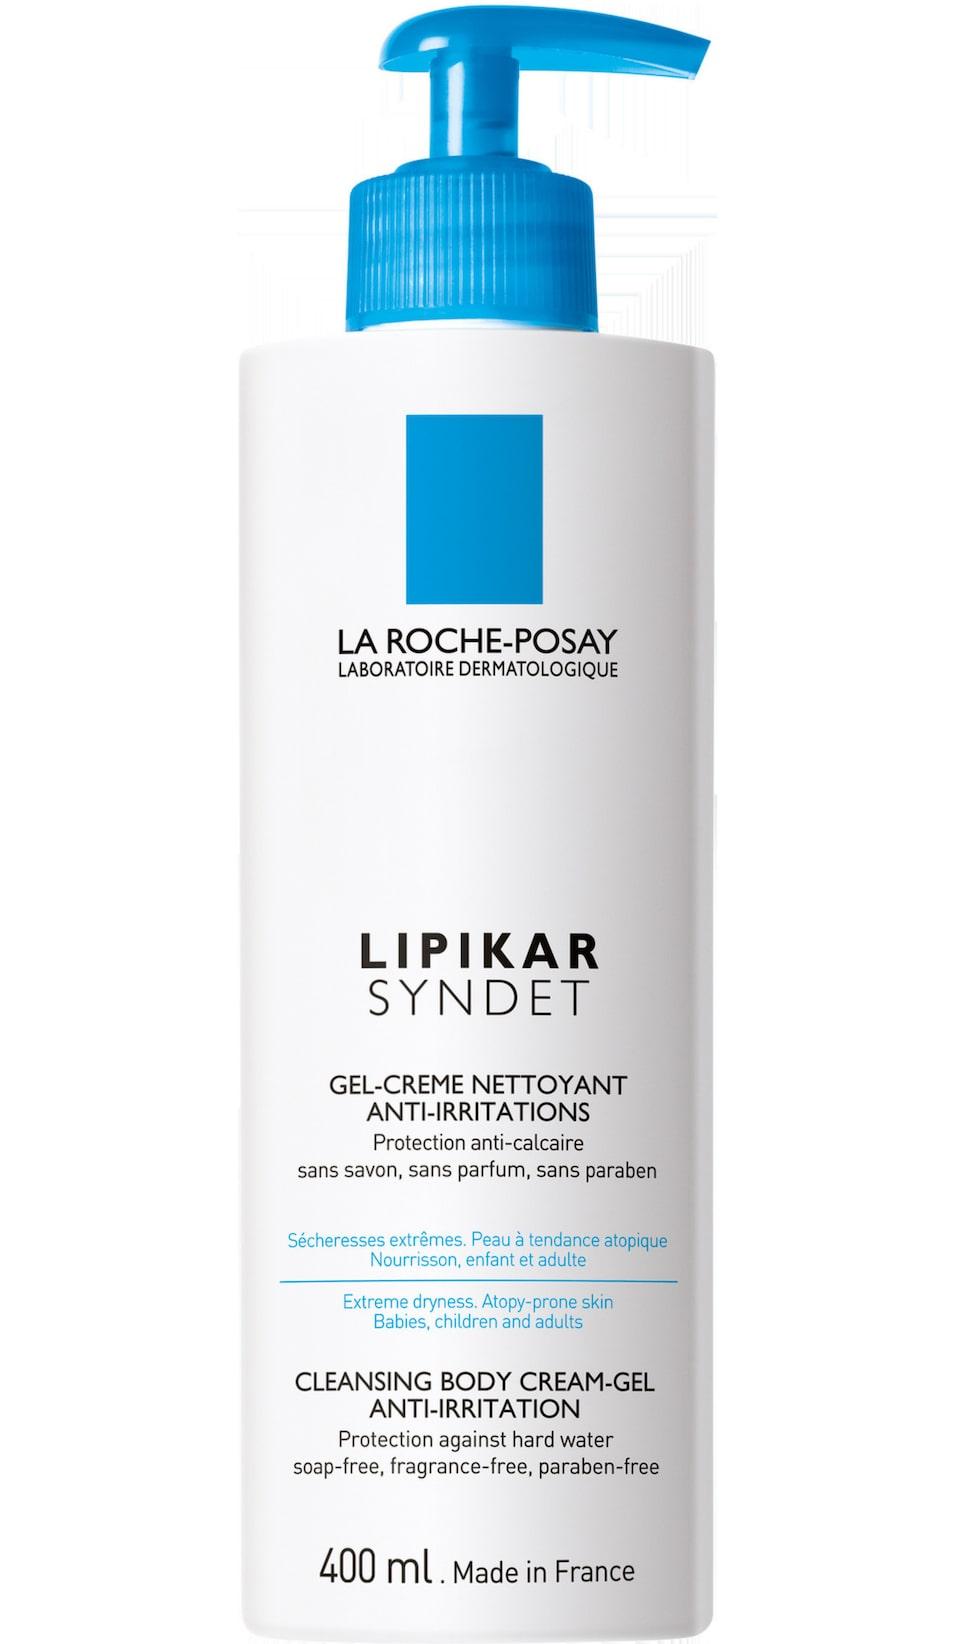 Lipikar syndet AP+, 119 kronor/200 ml, laroche-posay.se